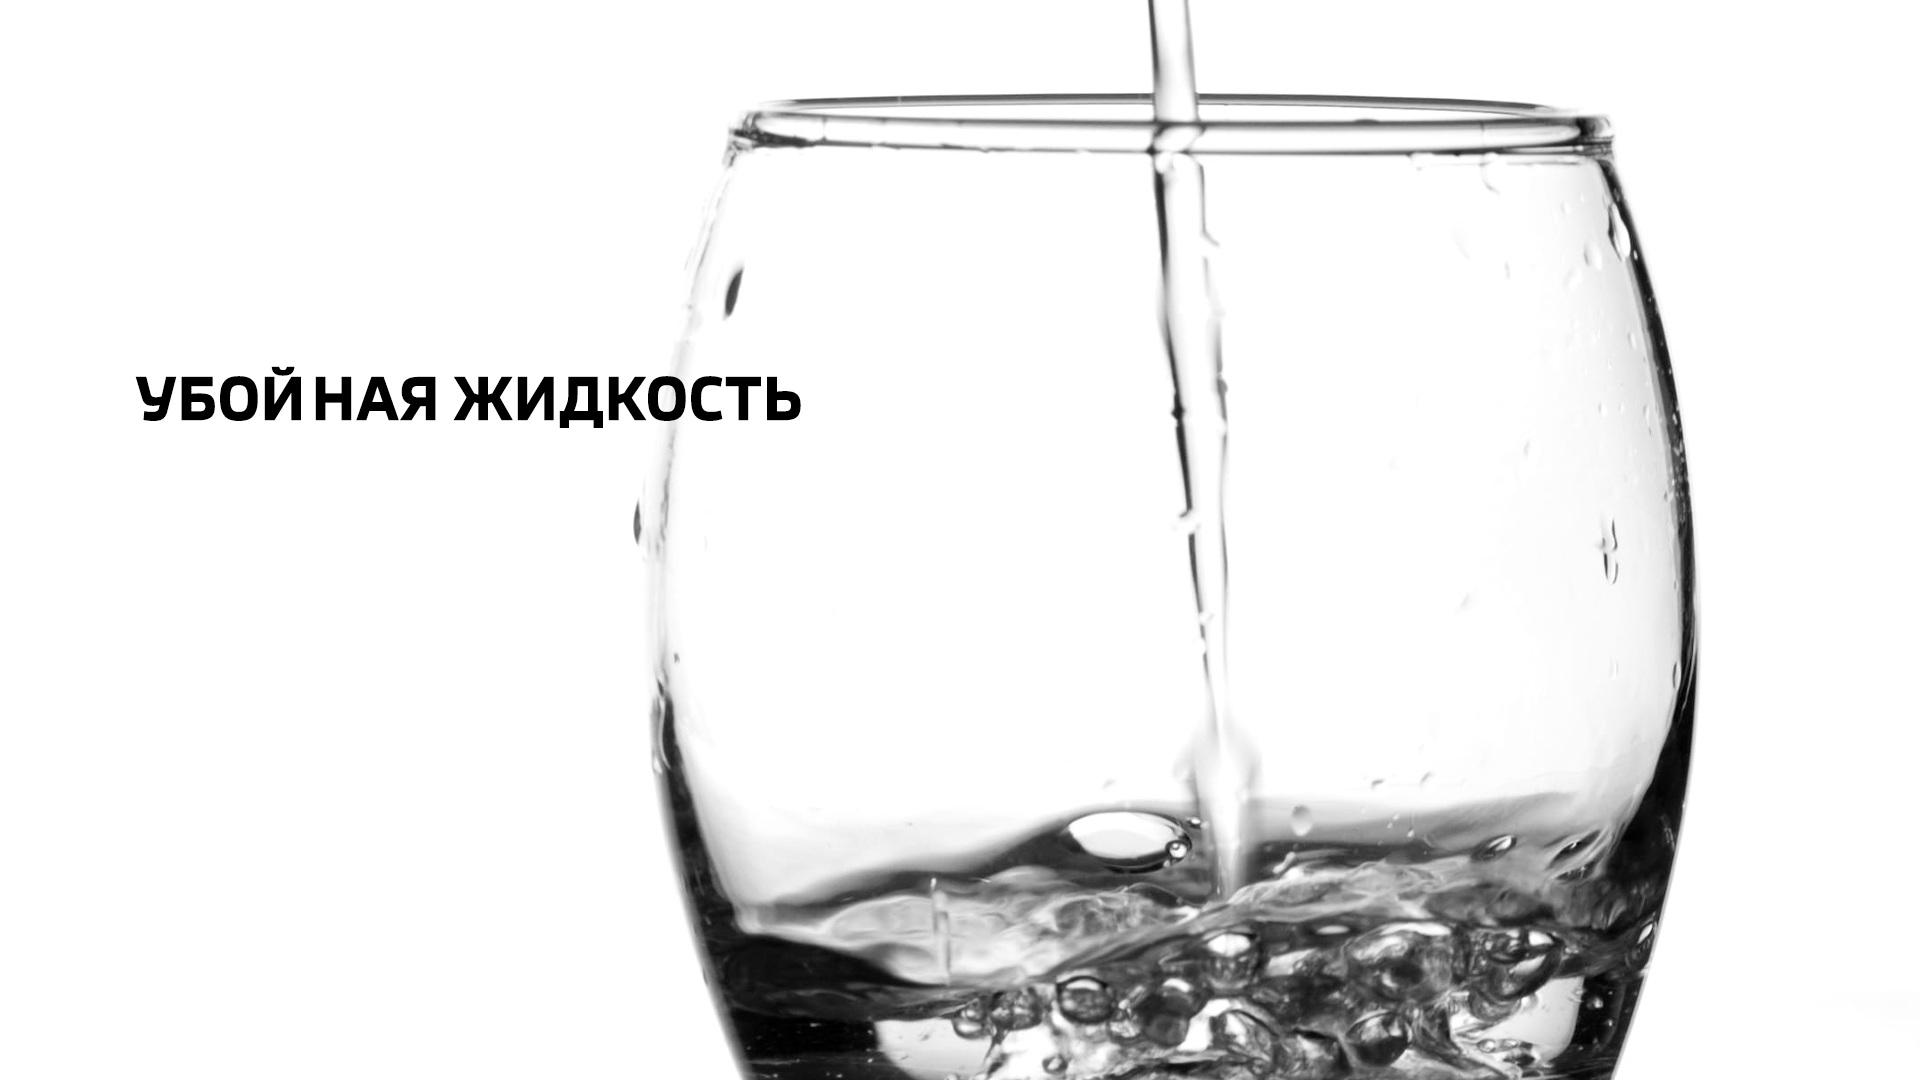 Убойная жидкость